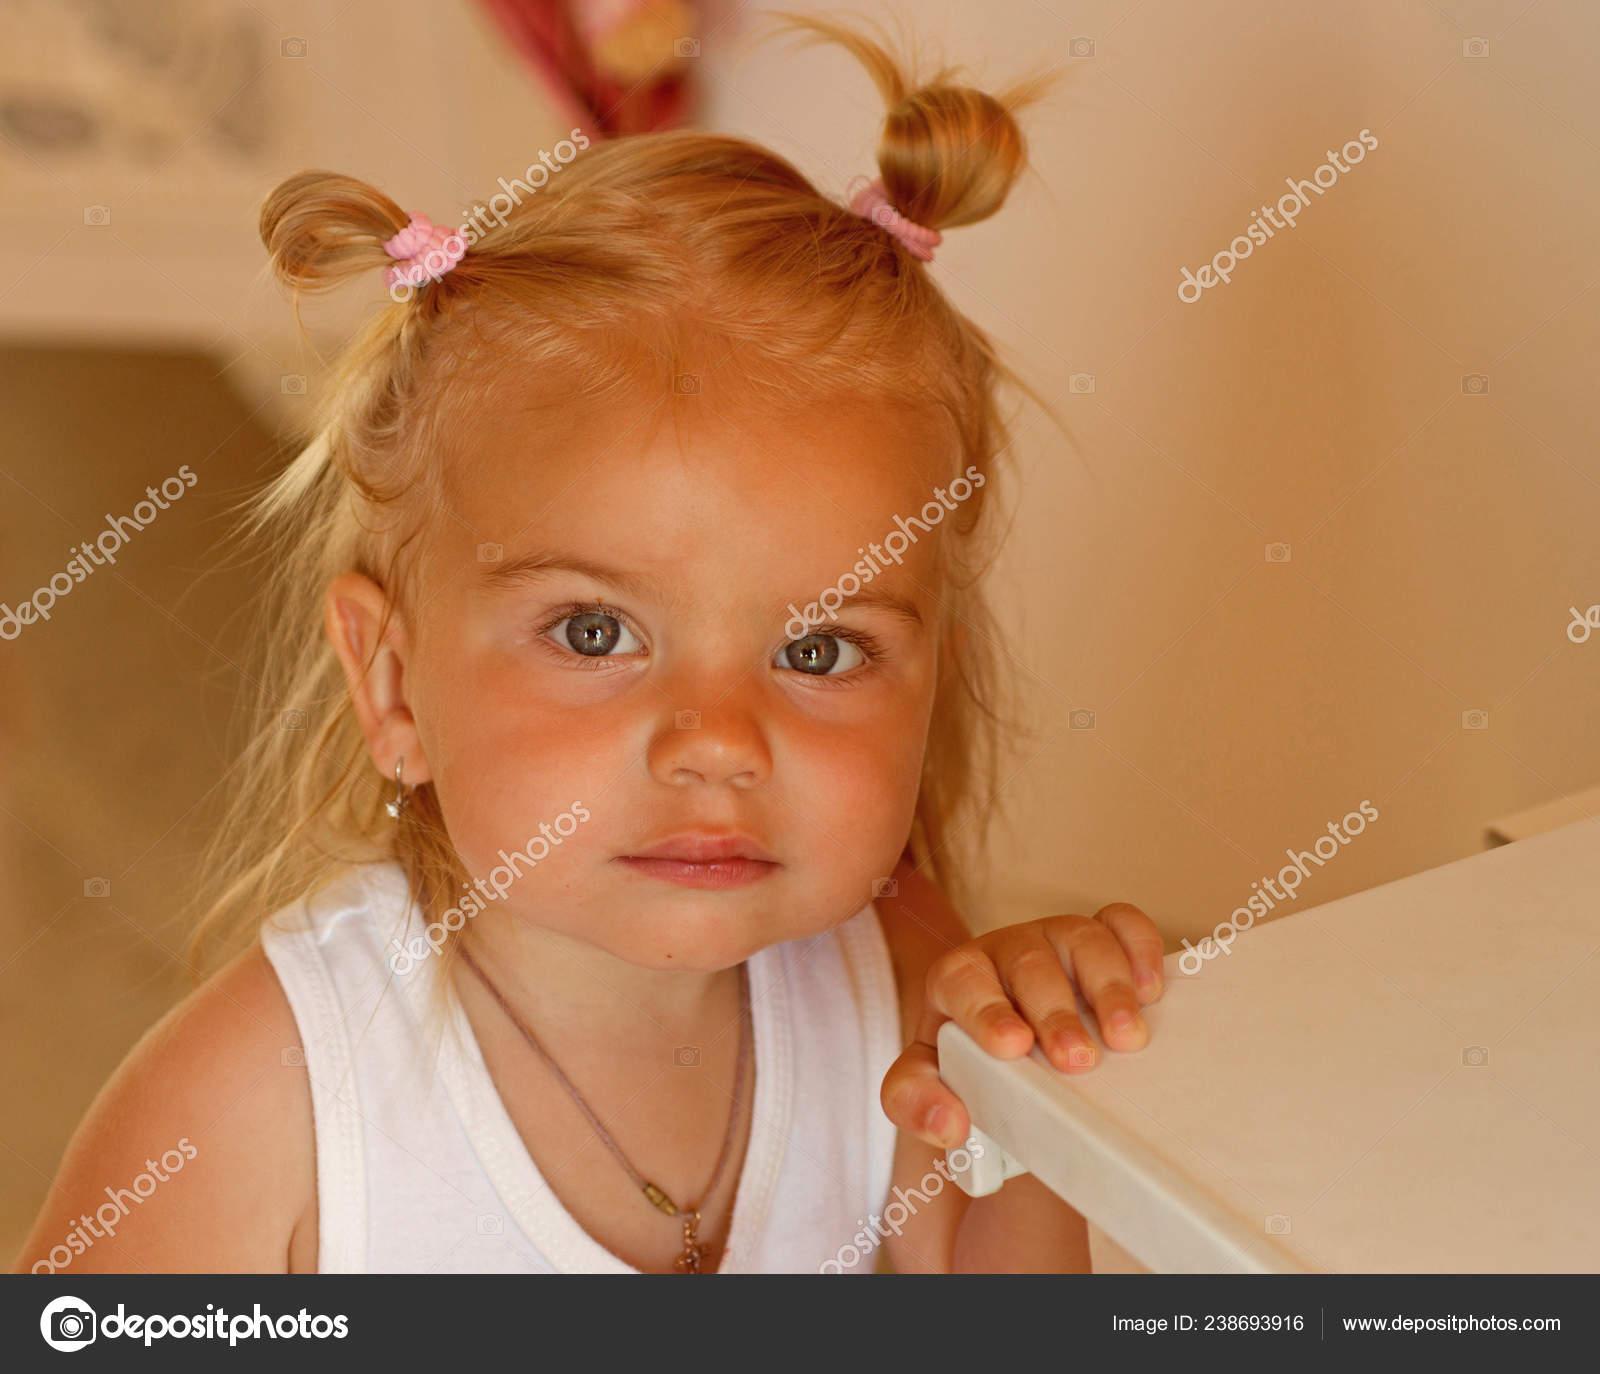 Wird Eine Echte Cutie Kleines Madchen Mit Brotchen Pferdeschwanz